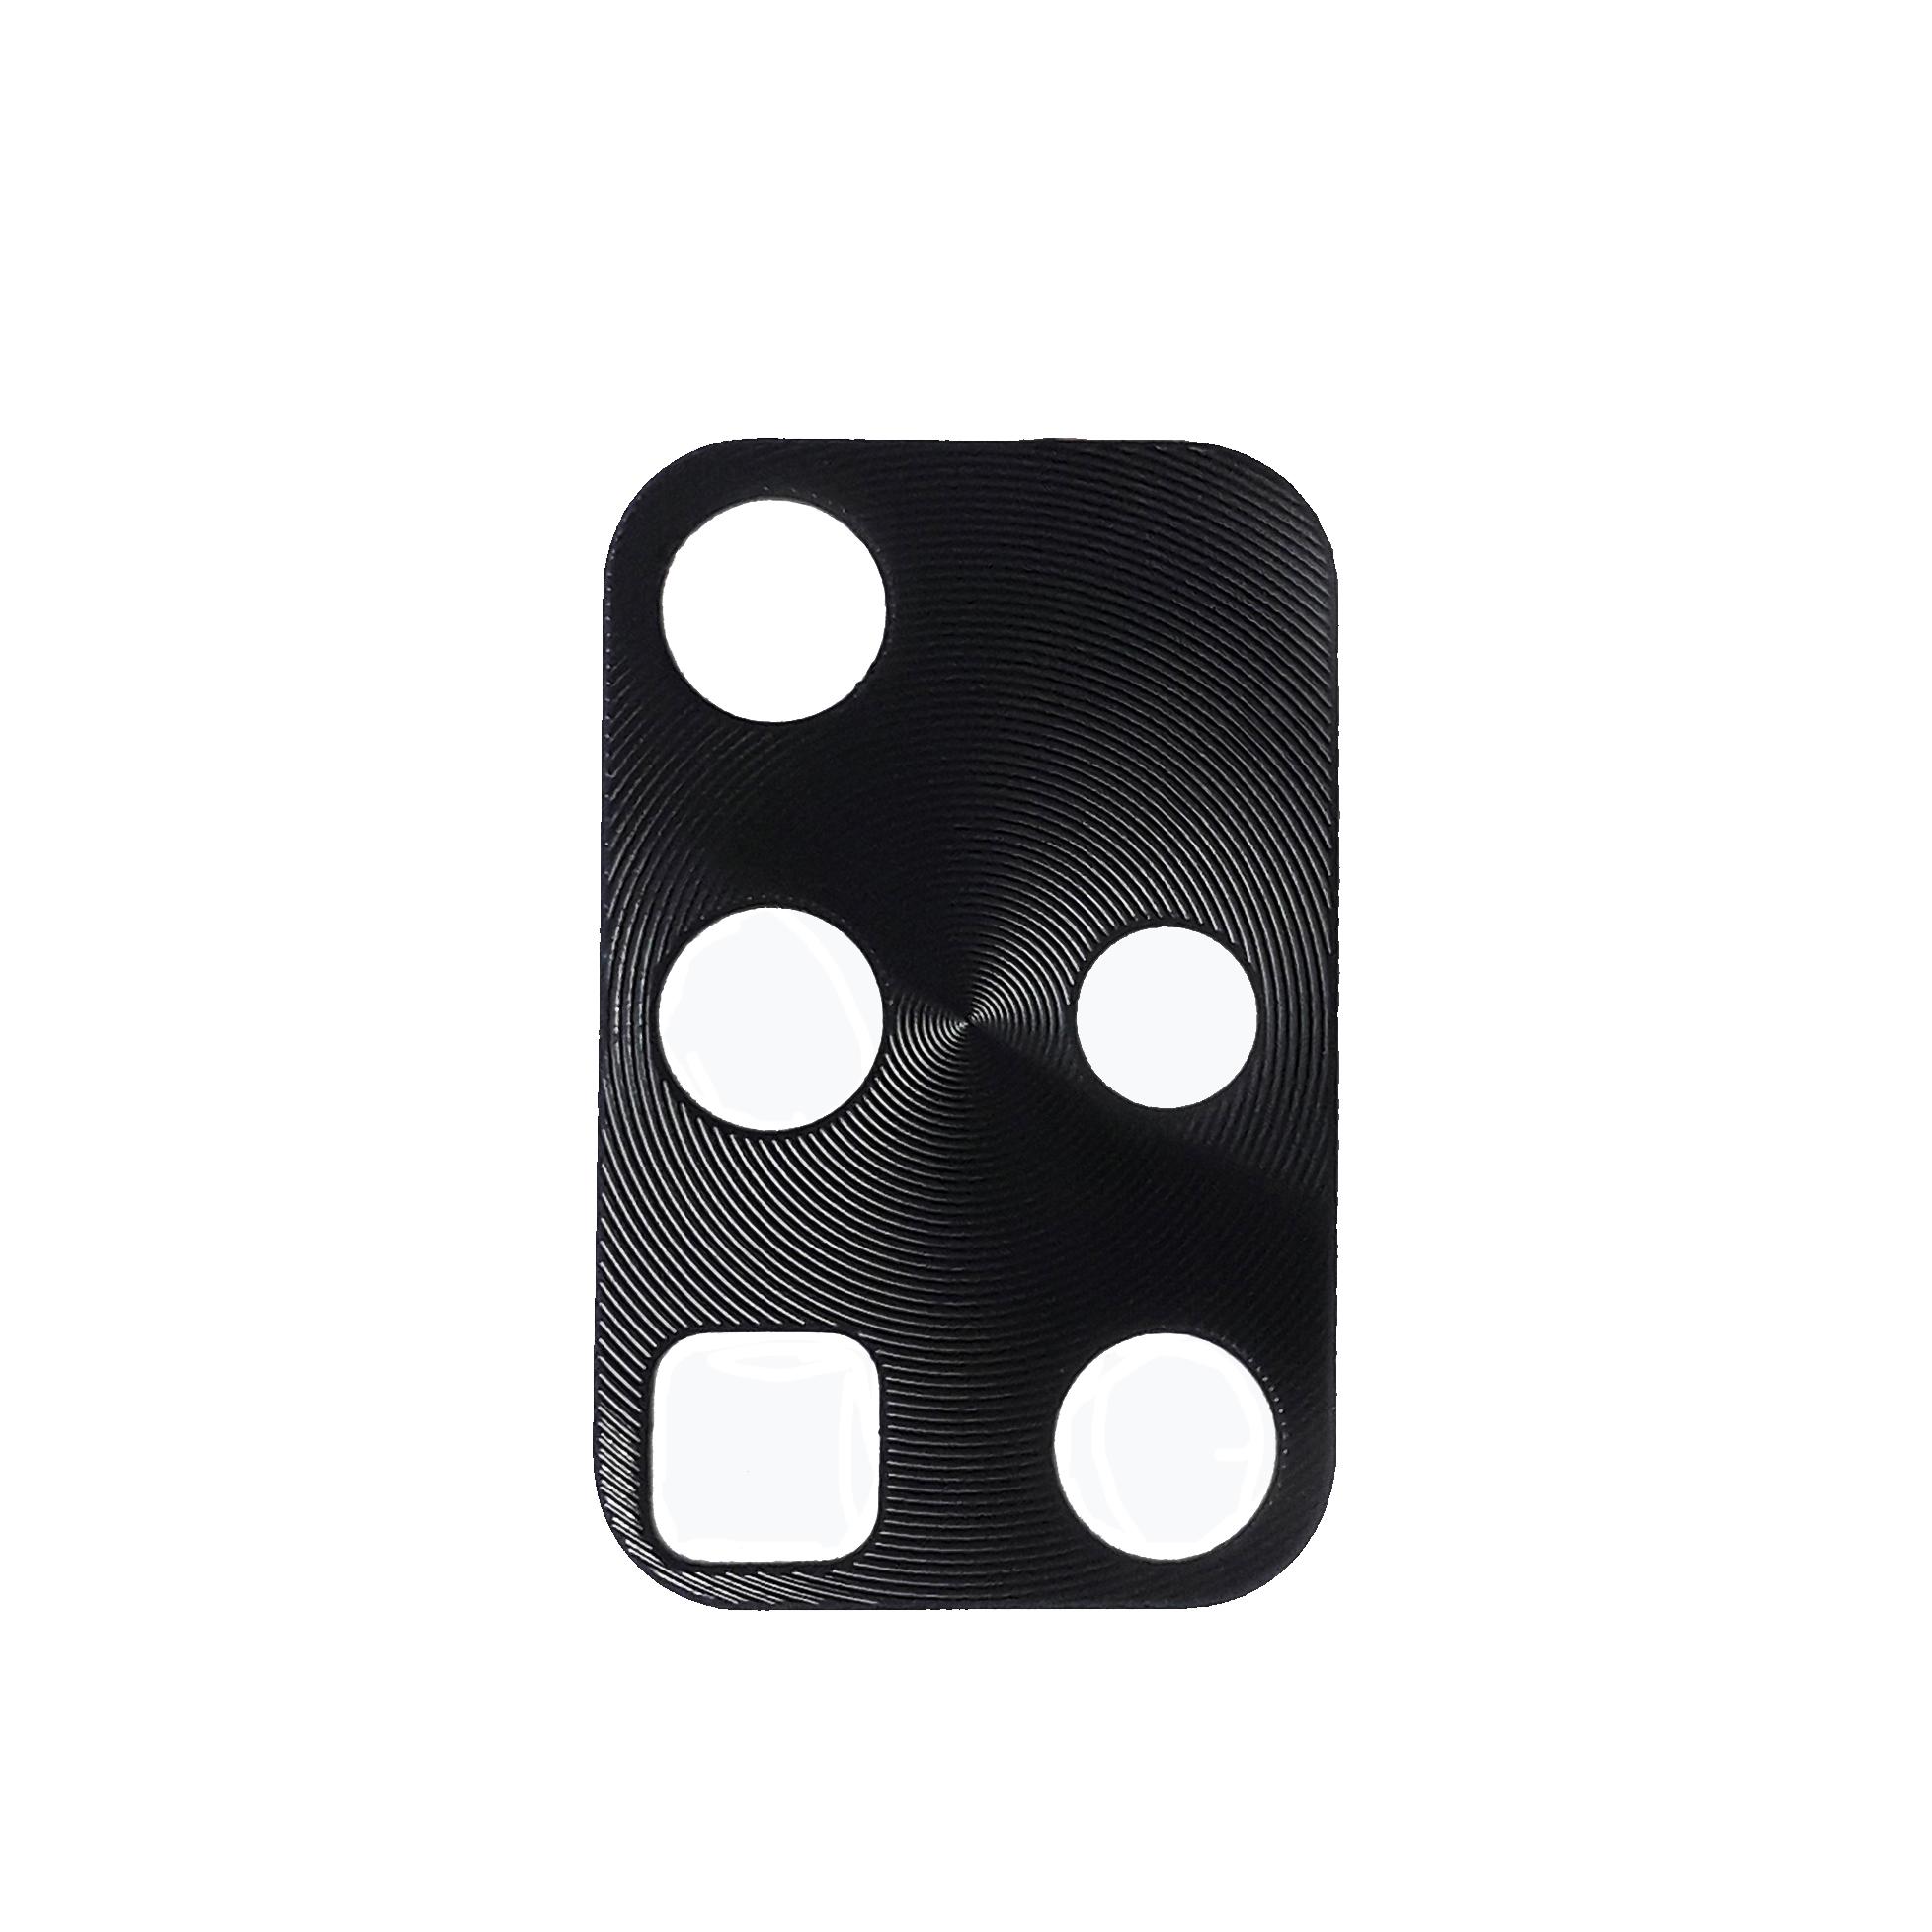 محافظ لنز دوربین مدل SM71 مناسب برای گوشی موبایل سامسونگ Galaxy A71